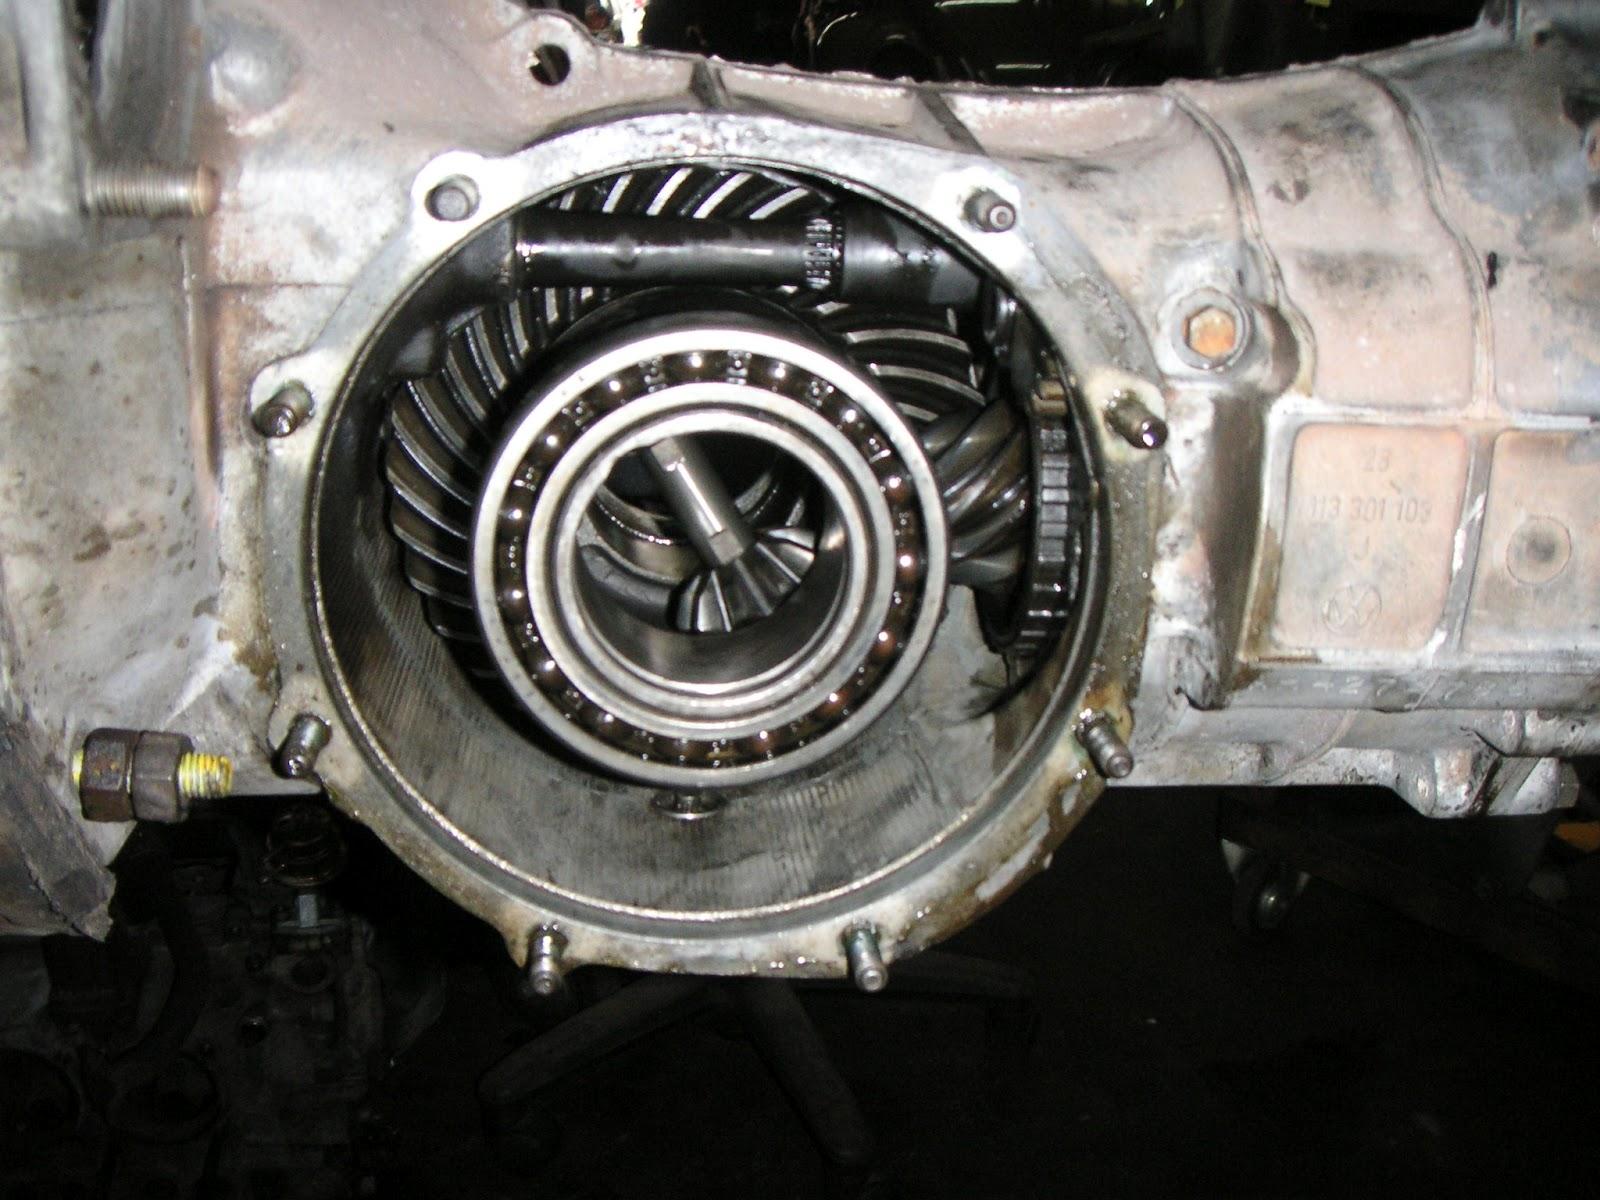 Volksworld Restoration Volkswagen Beetle Gearbox Overhaul